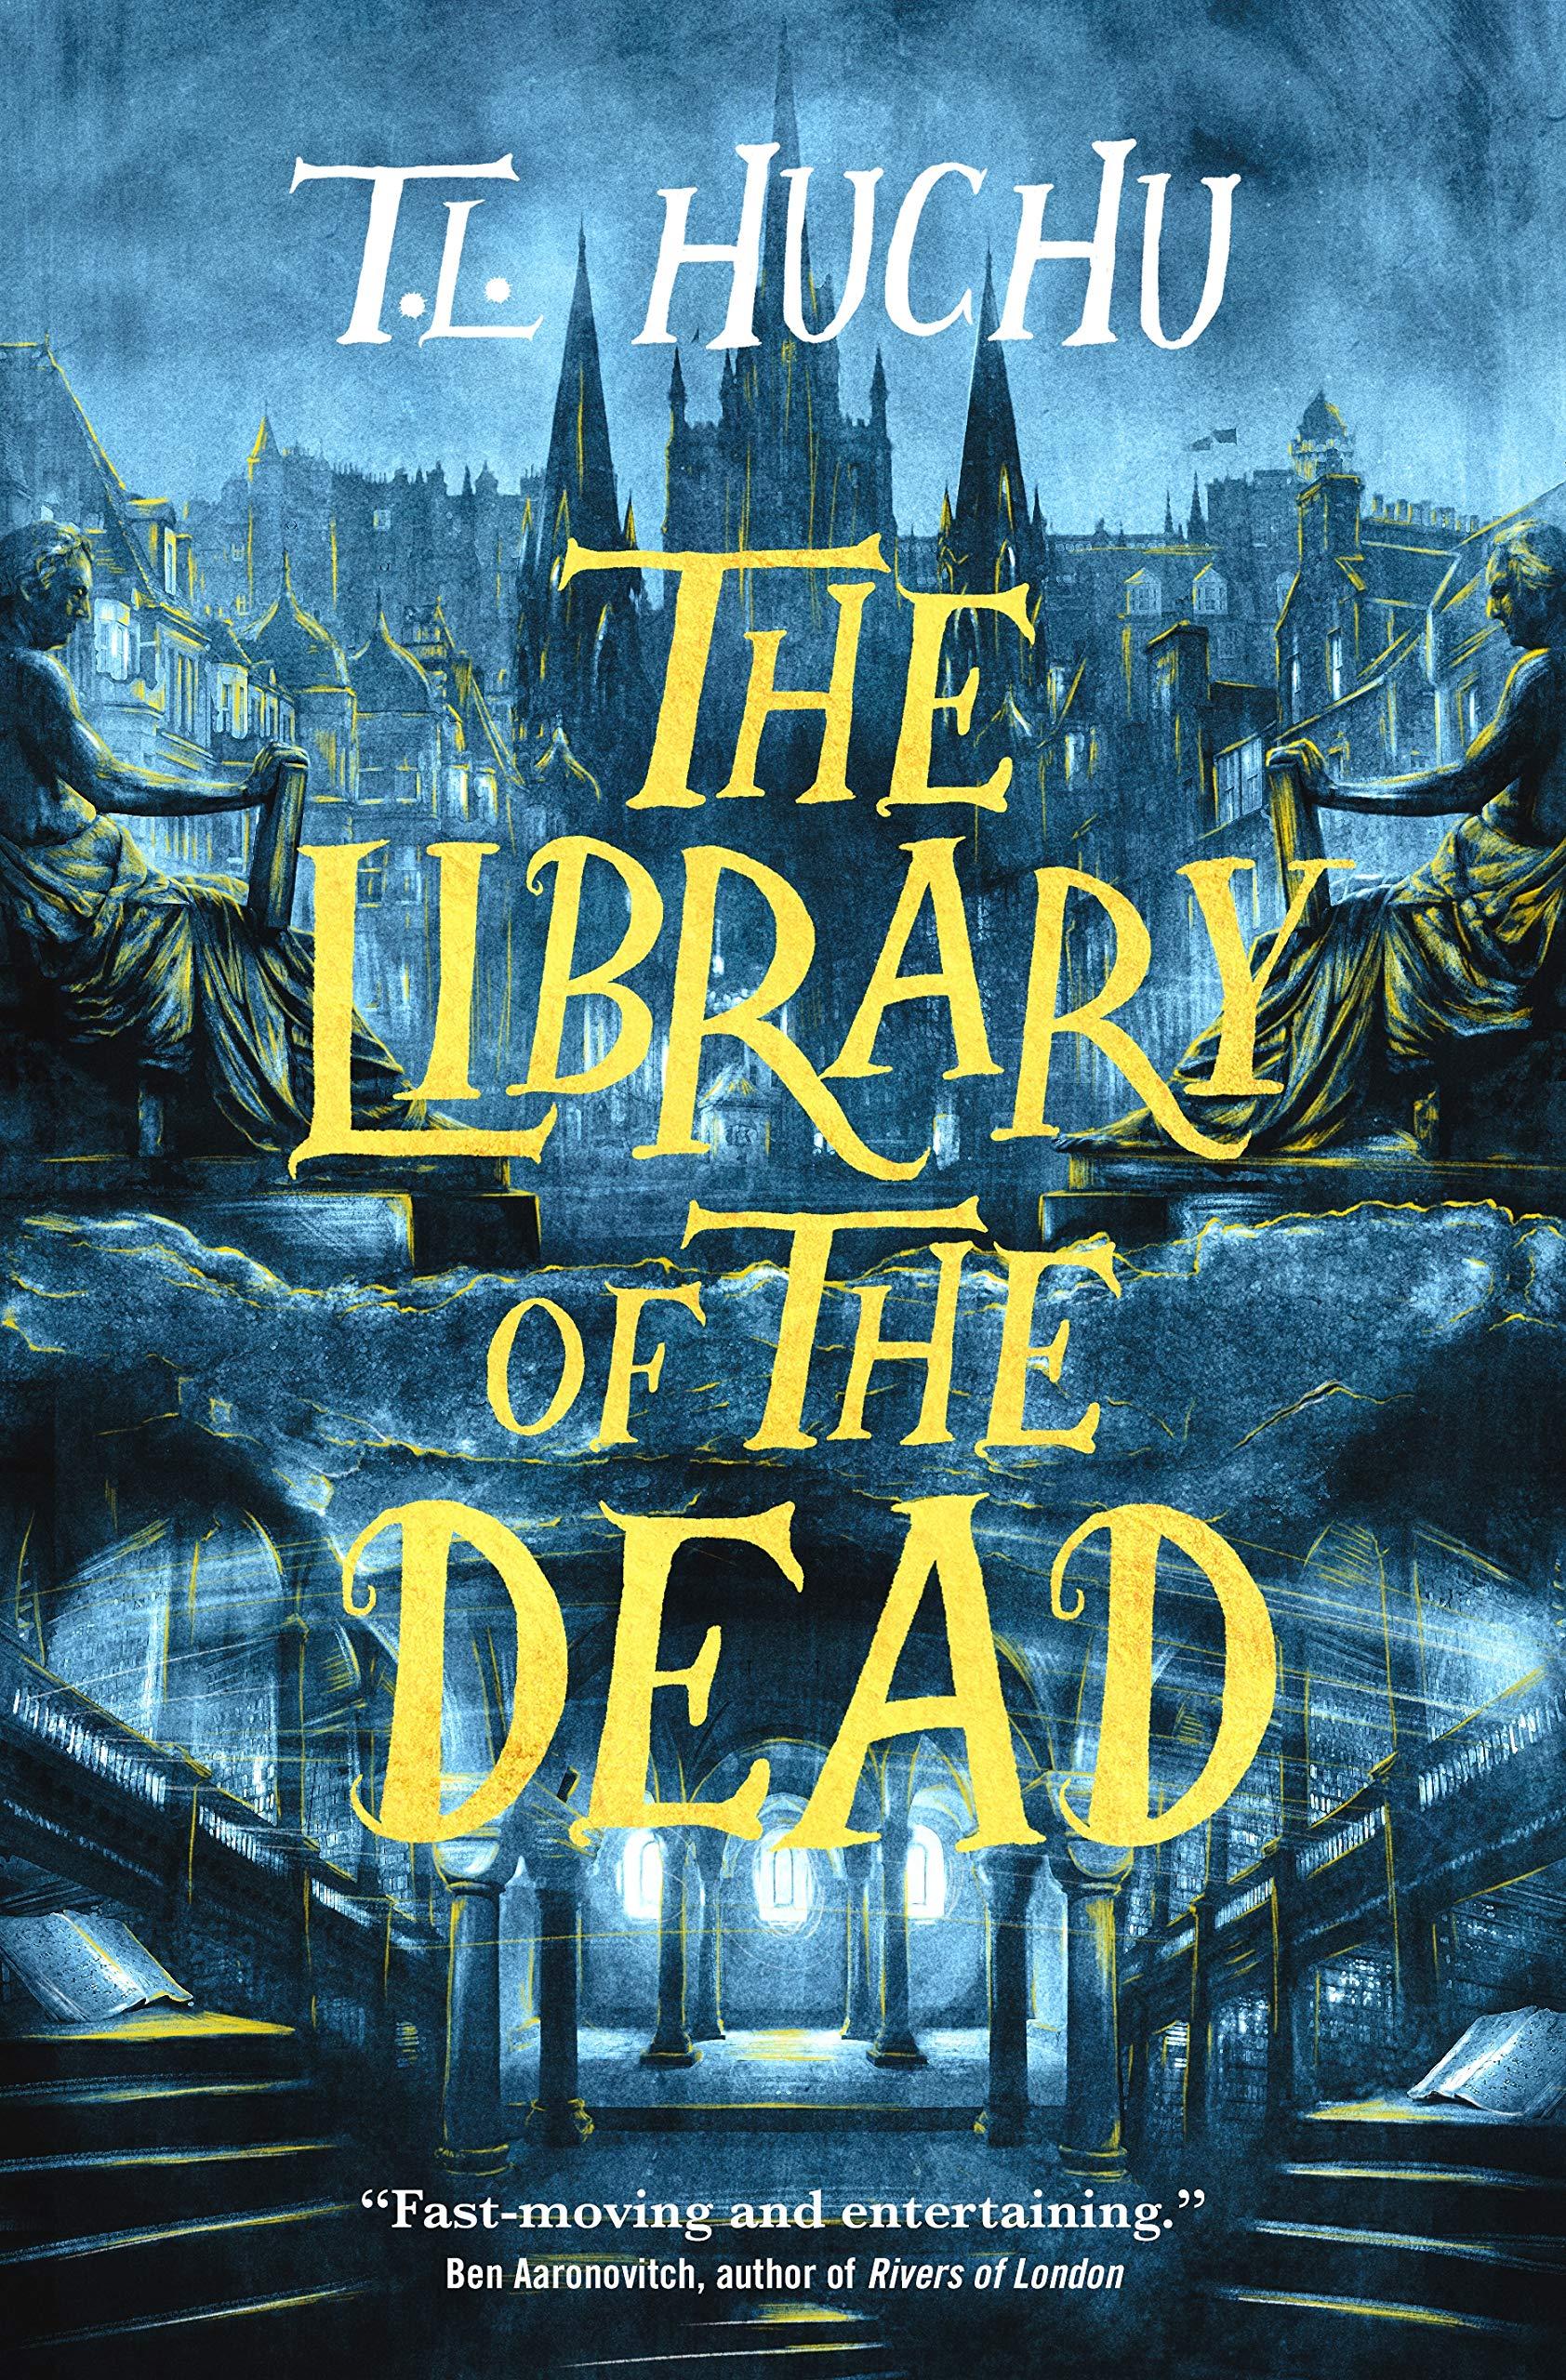 Amazon.com: The Library of the Dead (Edinburgh Nights, 1) (9781250767769):  Huchu, T. L.: Books